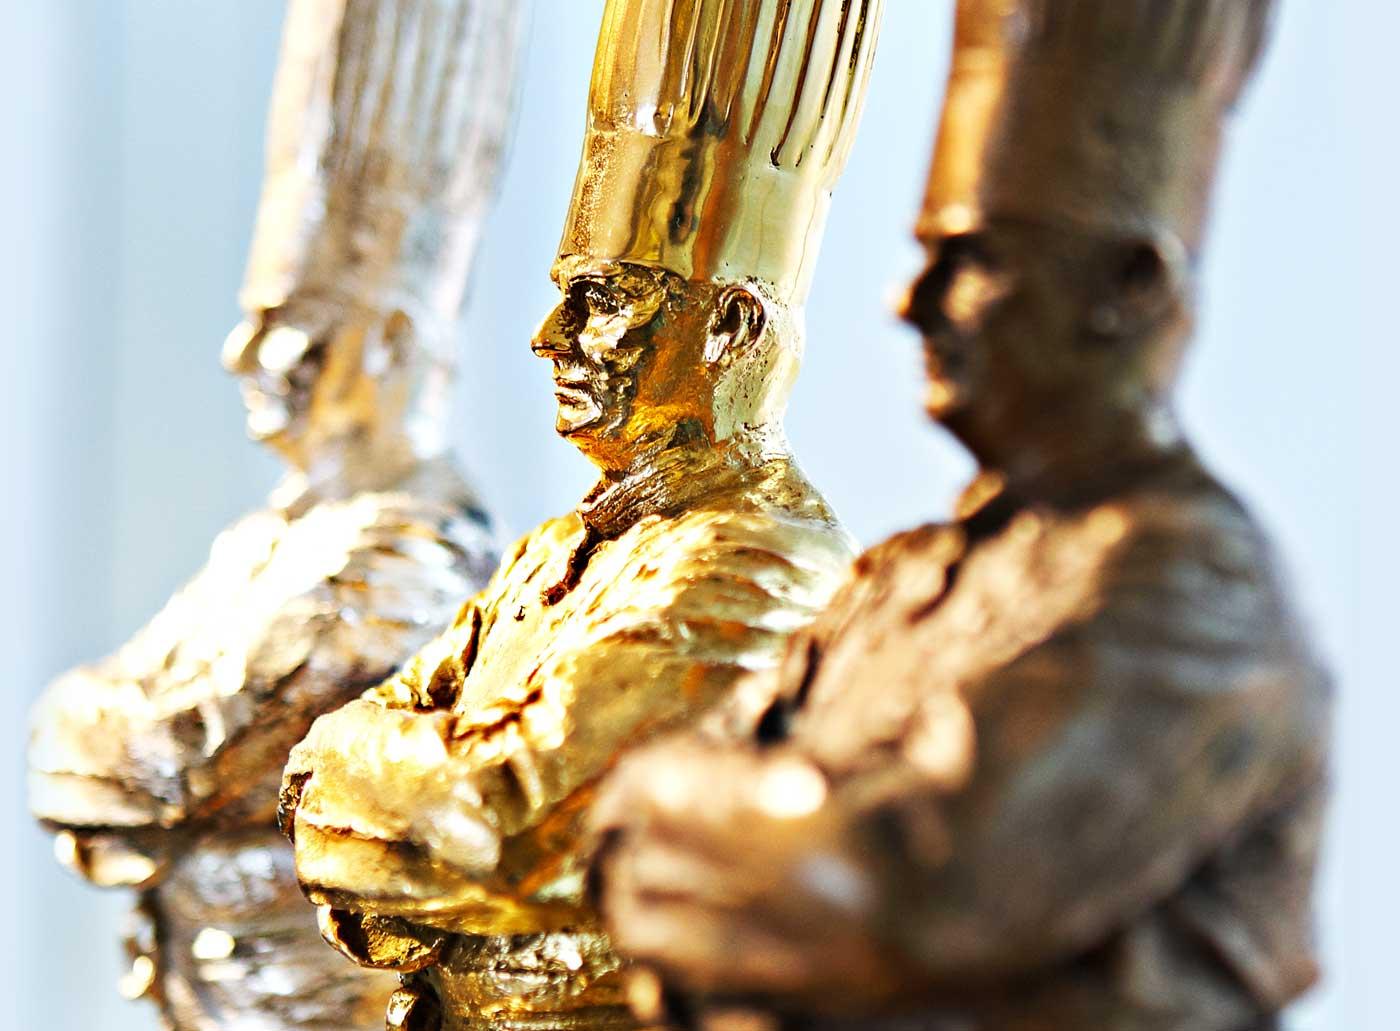 Золотая, серебряная и бронзовая статуэтки шефа Поля Бокюза. Источник http://www.russmodamag.ru/